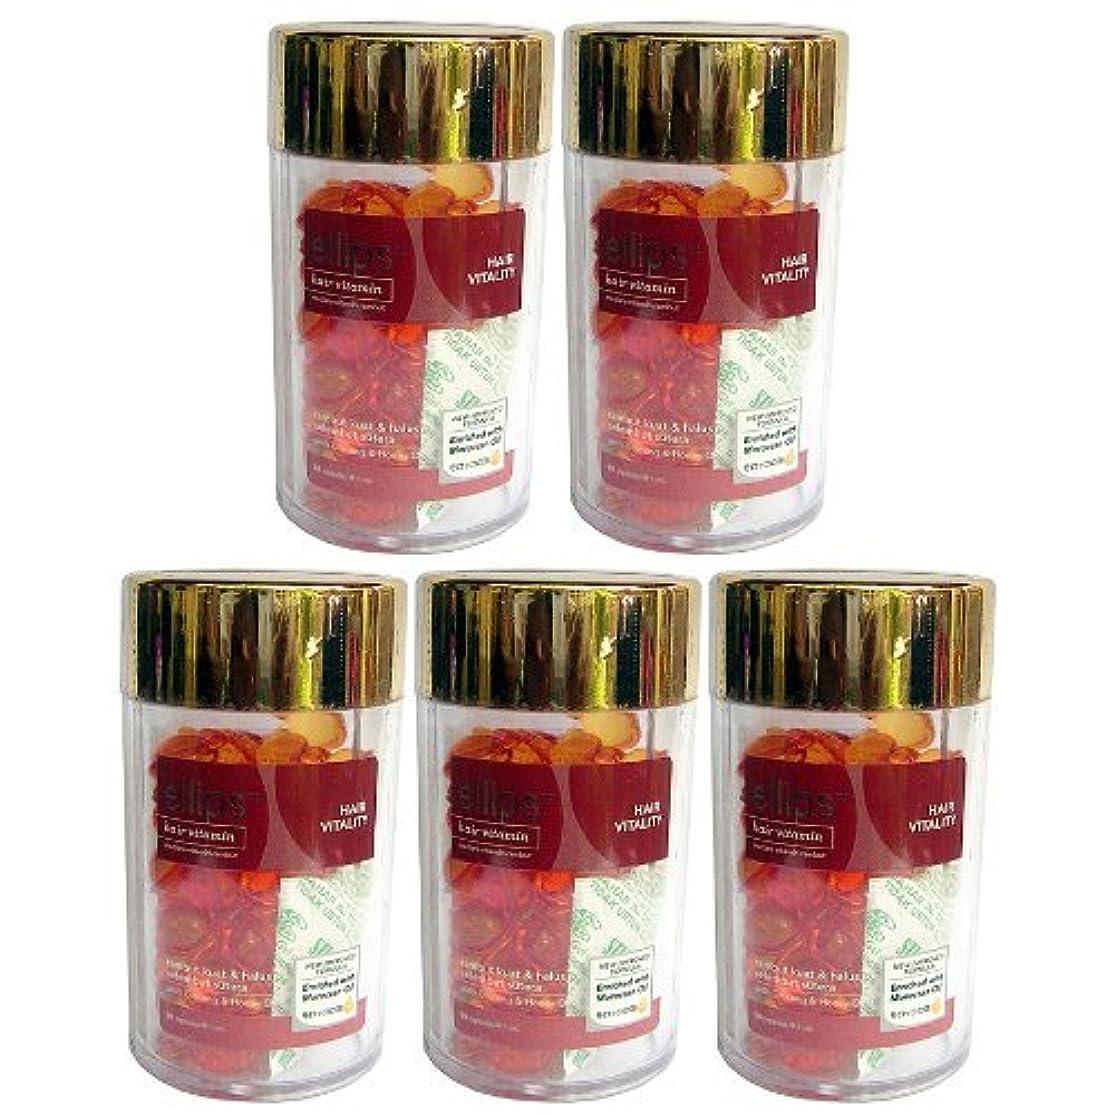 ウガンダ形式サービスエリップスellipsヘアビタミン洗い流さないヘアトリートメント50粒入ボトル5本組(海外直送品)(並行輸入品) (オレンジ5本)